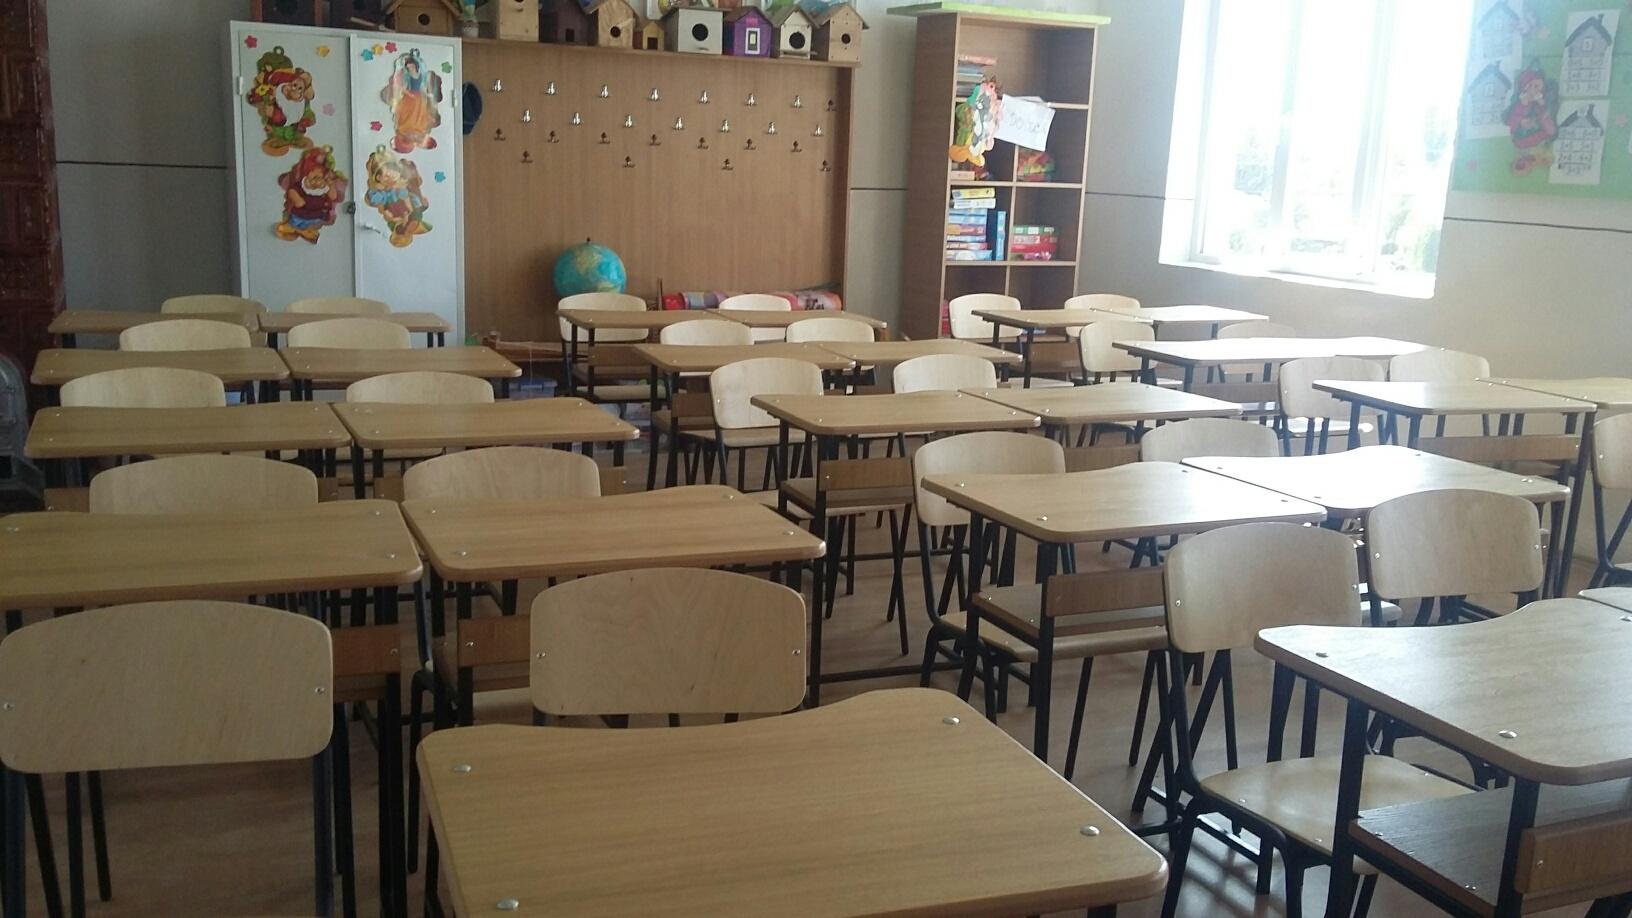 Mii de elevii din Suceava îngheaţă de frig în sălile de clasă. Autorităţile dau vina pe asociaţiile de proprietari